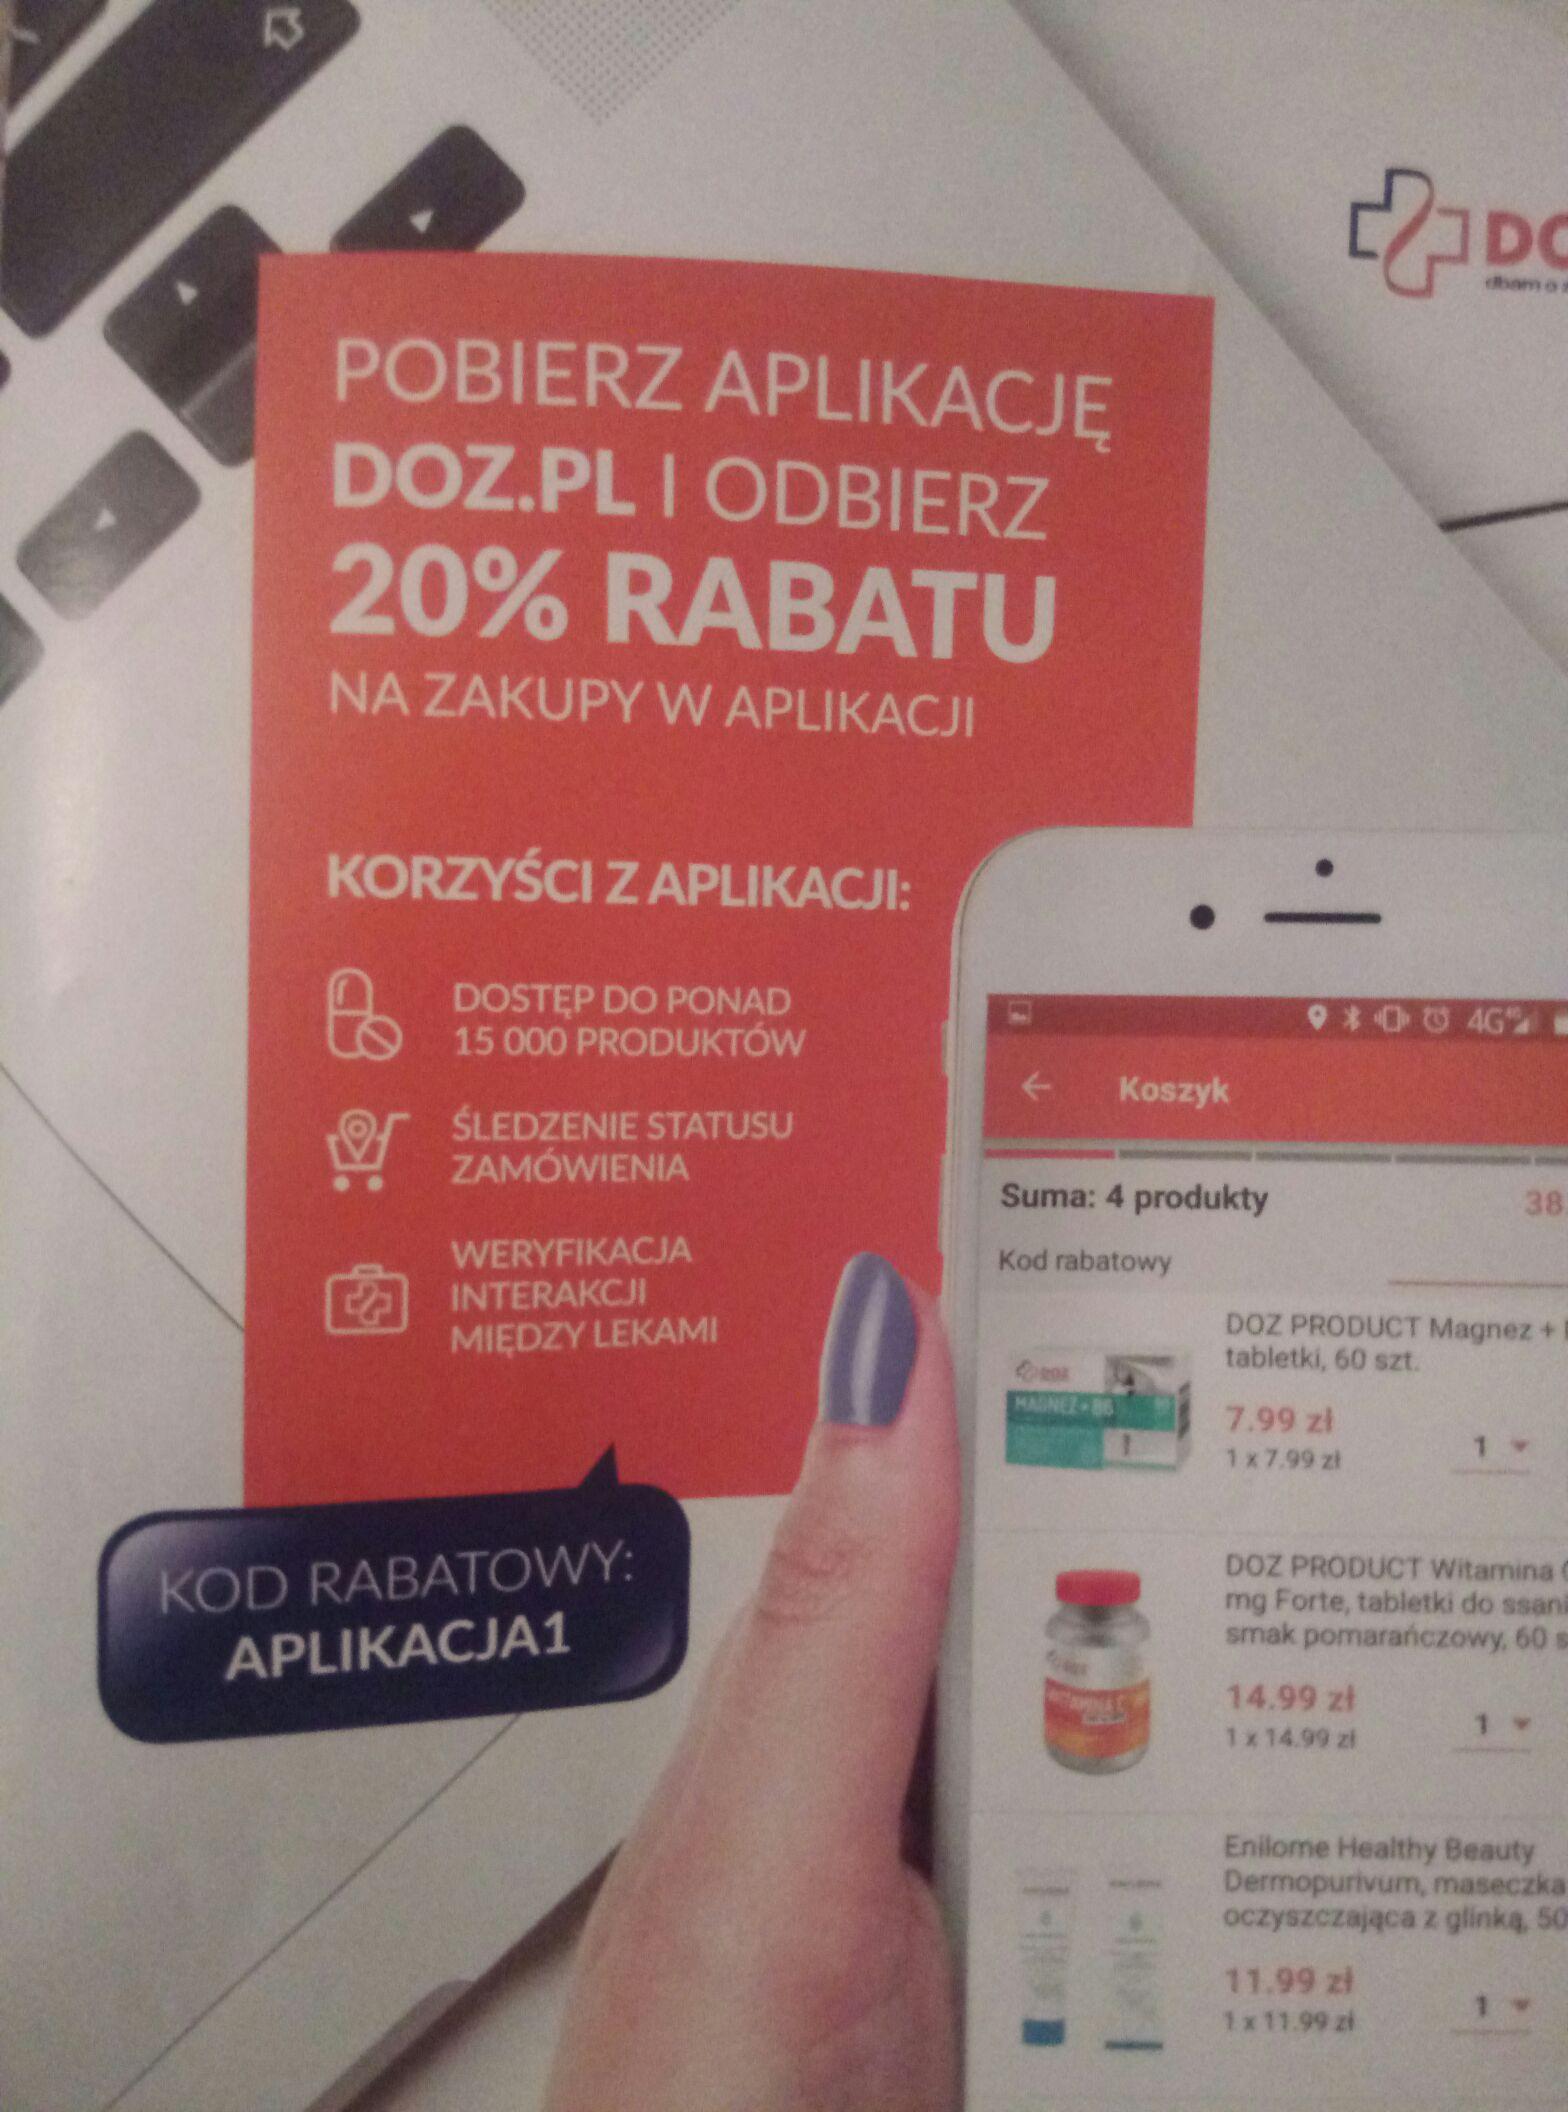 -20% w Aplikacji DOZ.PL